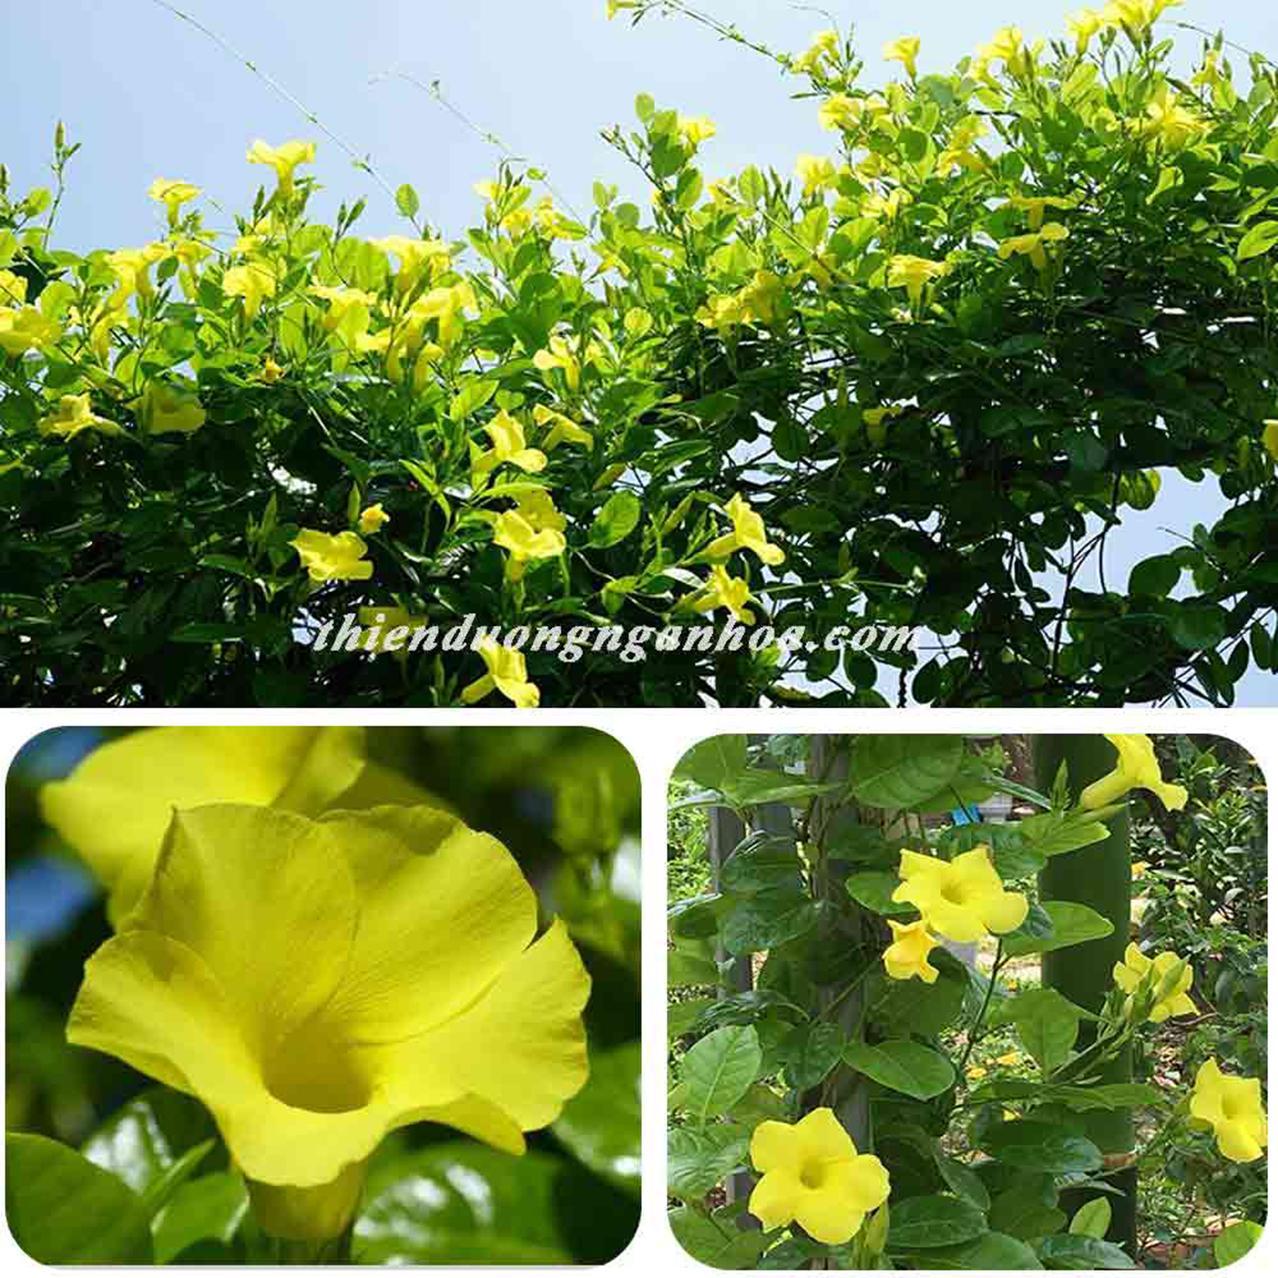 Hoa Huỳnh đệ leo giàn, hoa huỳnh đệ giải nhiệt mùa hè